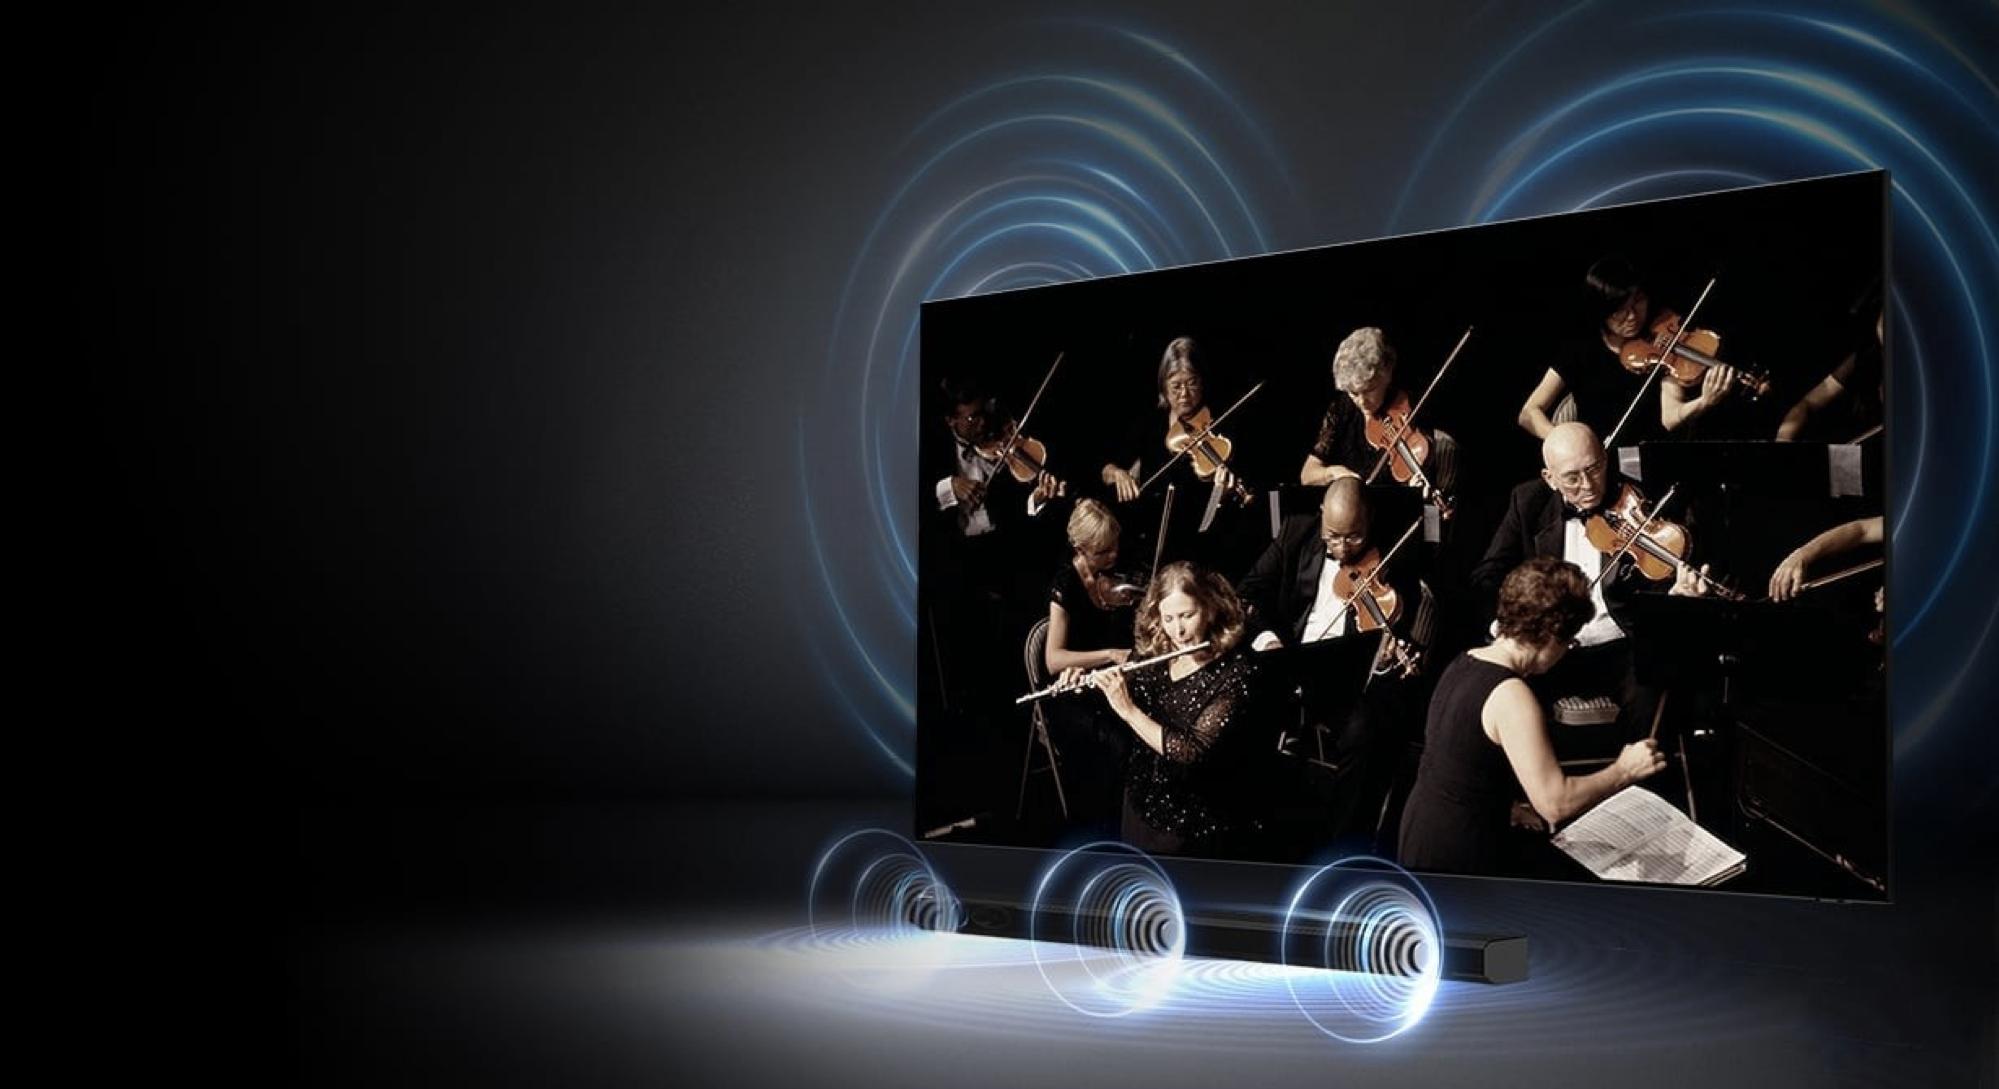 Barras de sonido Samsung... la evolución del sonido inmersivo | EL FRENTE